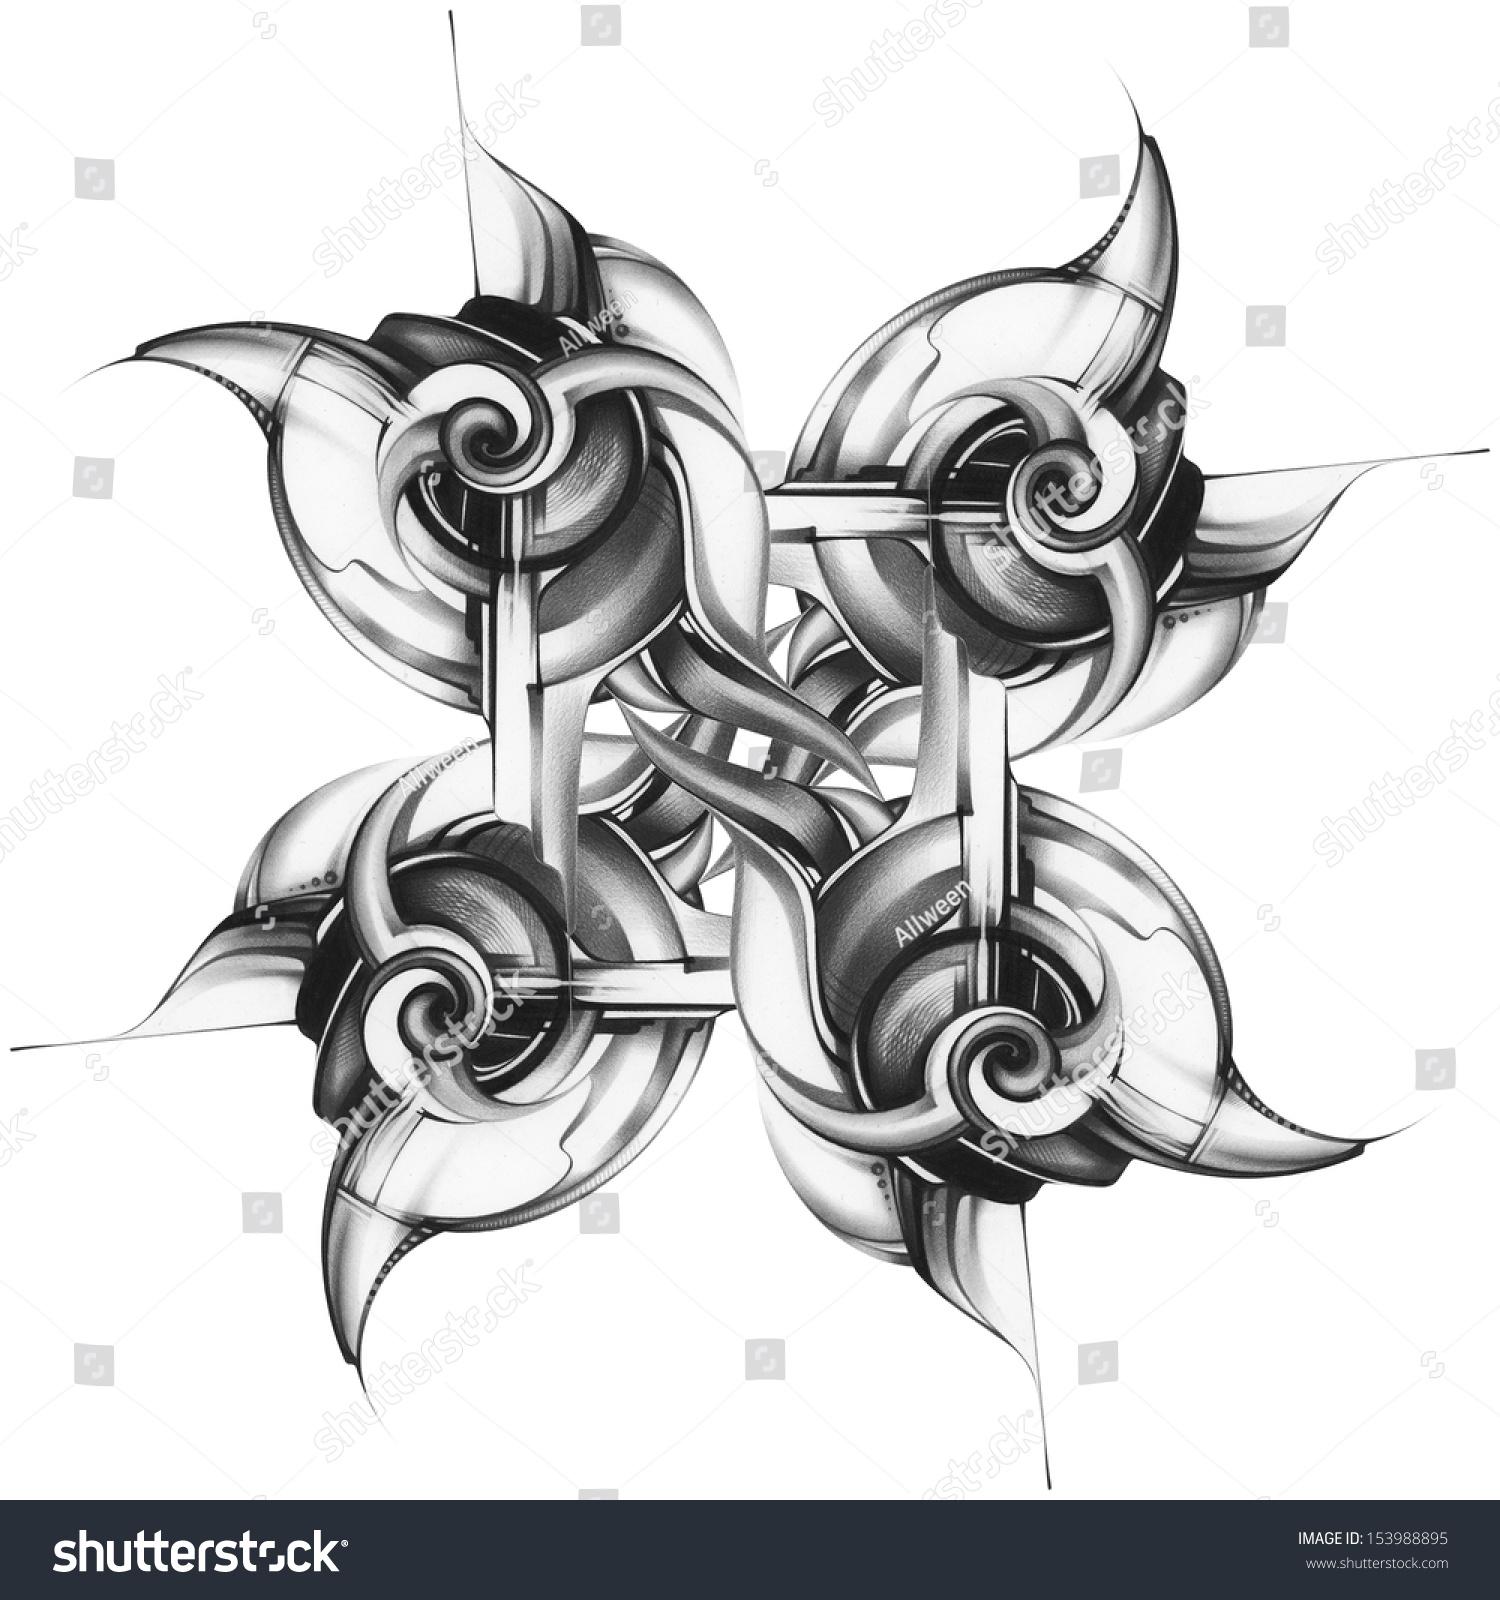 3deffect Logo